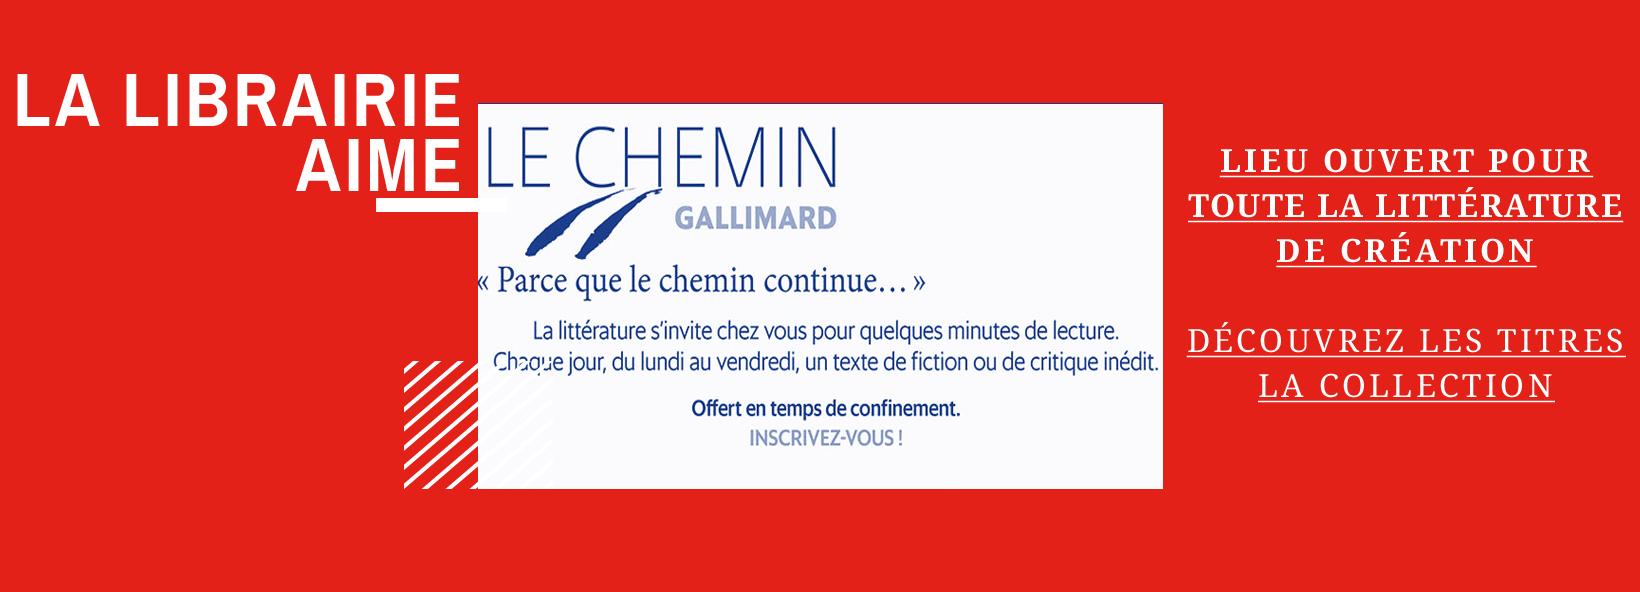 Découvrez la Collection Le Chemin des éditions Gallimard